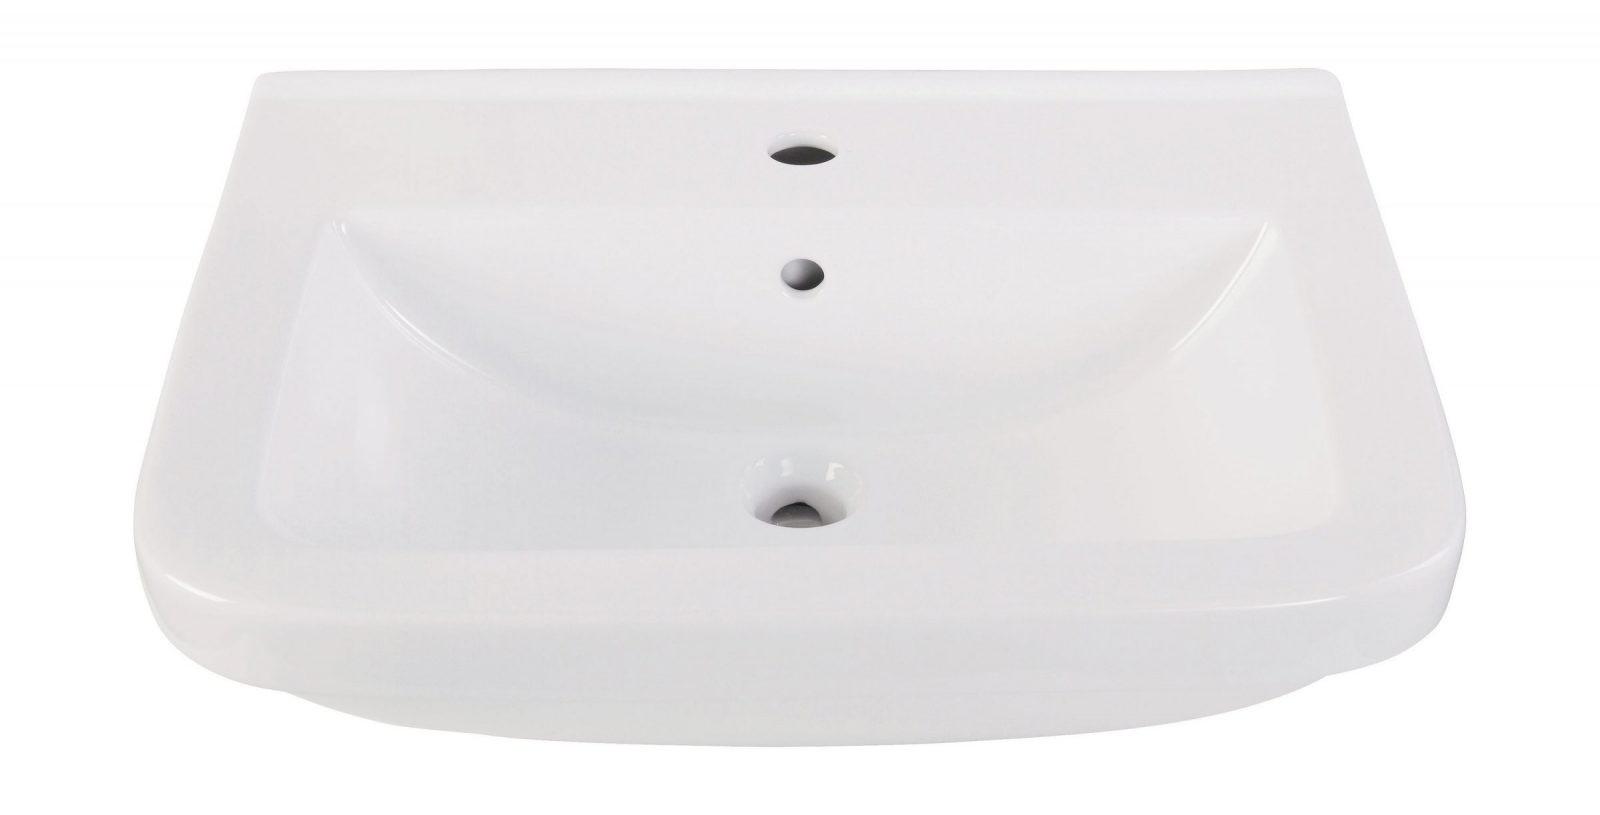 Waschbecken Mit Hygieneglasur Von Calmwaters  Wwwcalmwaters von Waschbecken Tiefe 35 Cm Bild